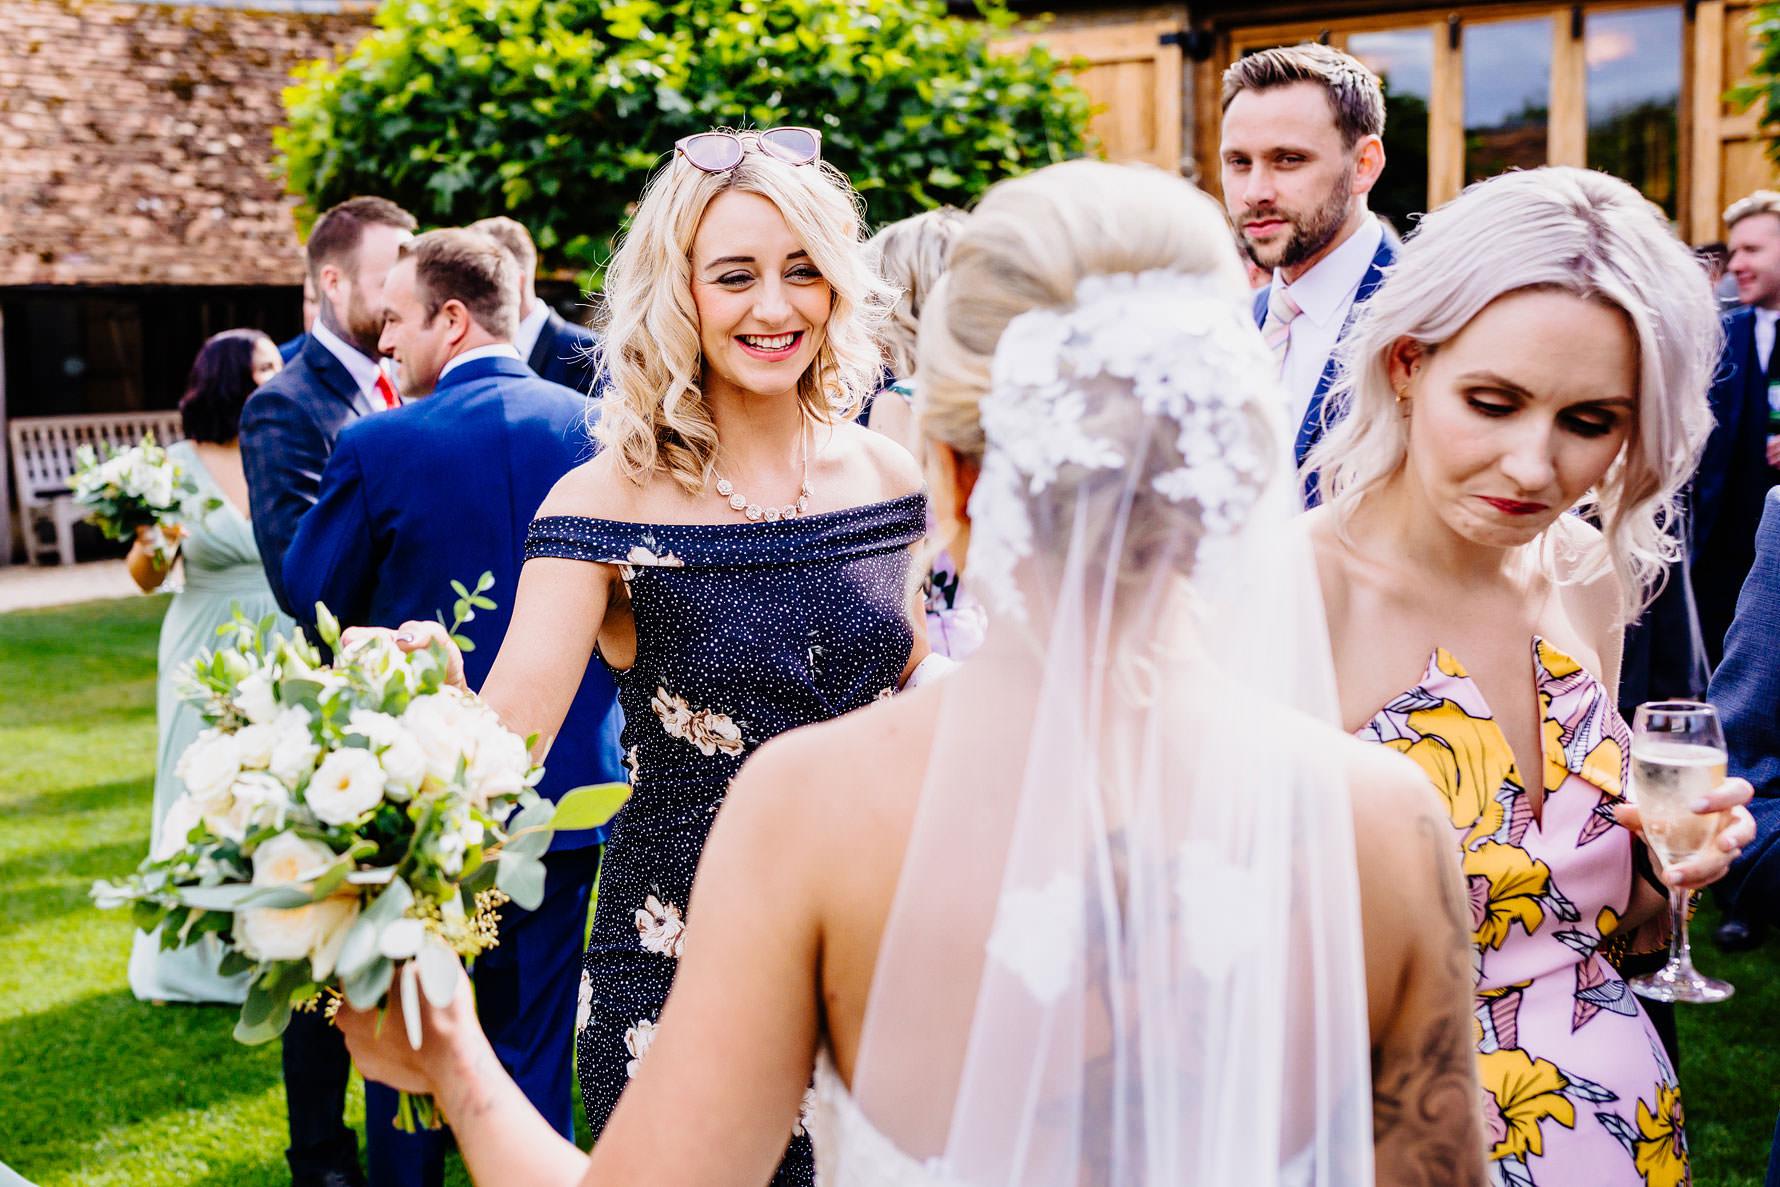 guests congratulate a bride